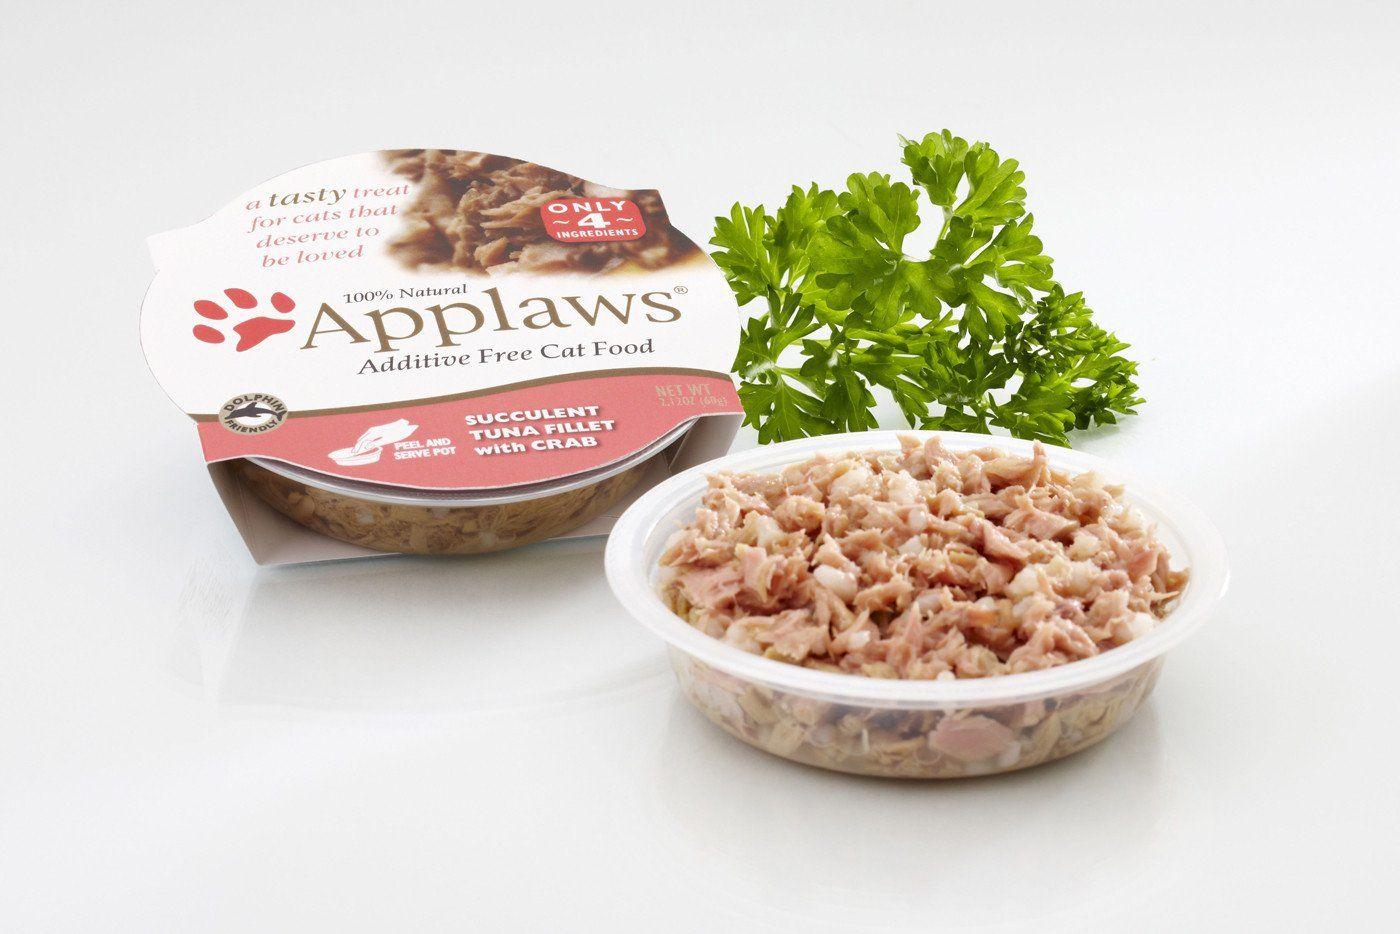 Каждый корм Applaws является своеобразной диетой, которая по составу приближена к естественному рациону животного